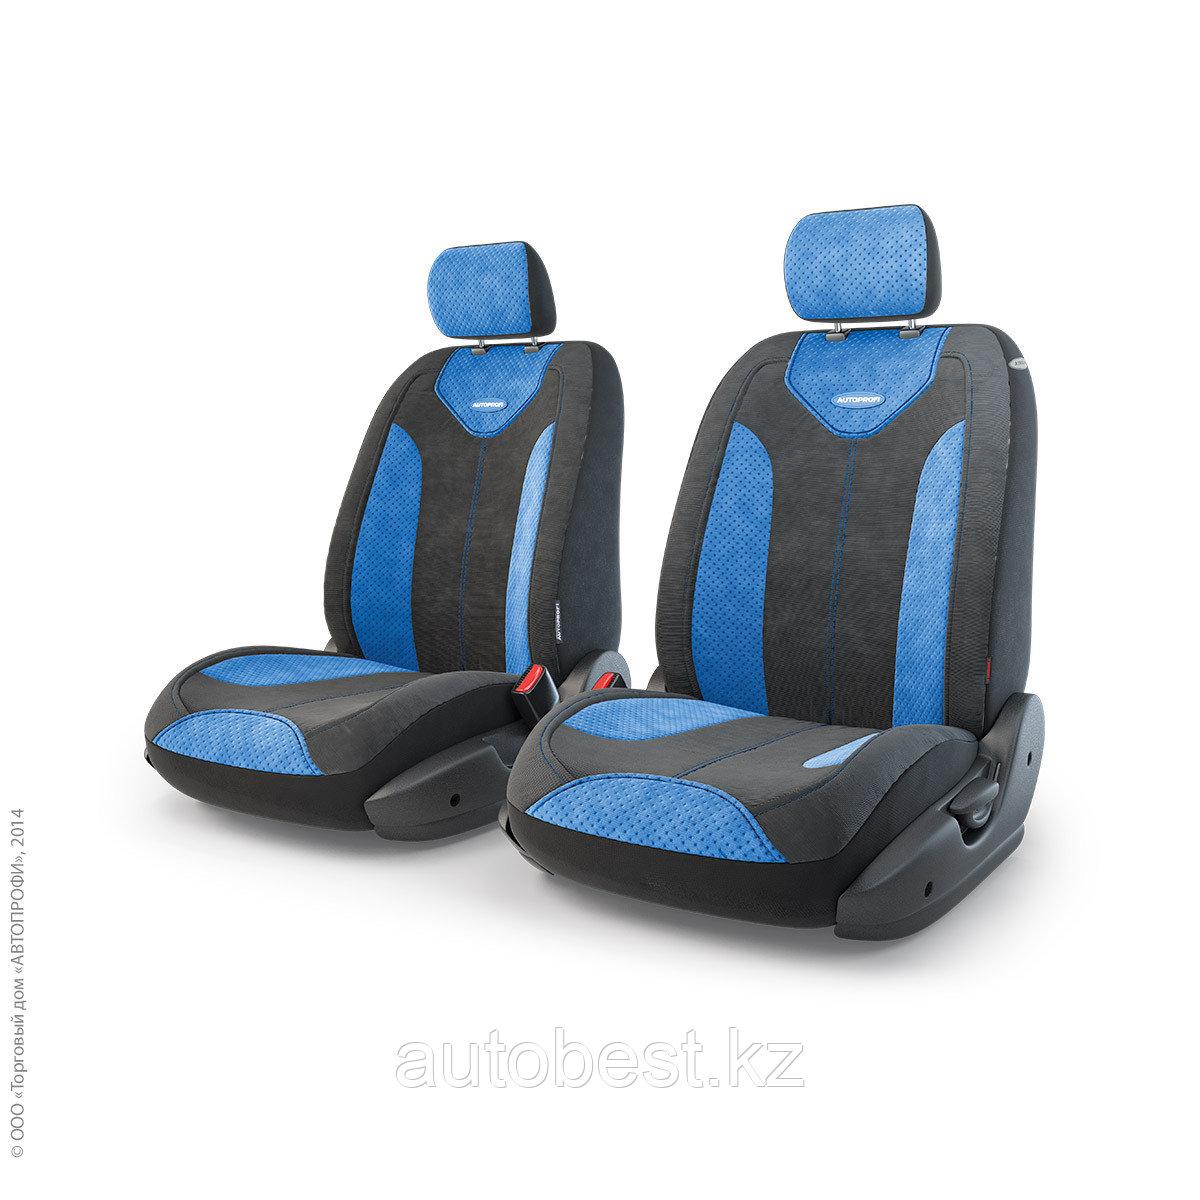 Чехлы Transform MATRIX, только передний ряд,велюр AIRBAG черн/синий